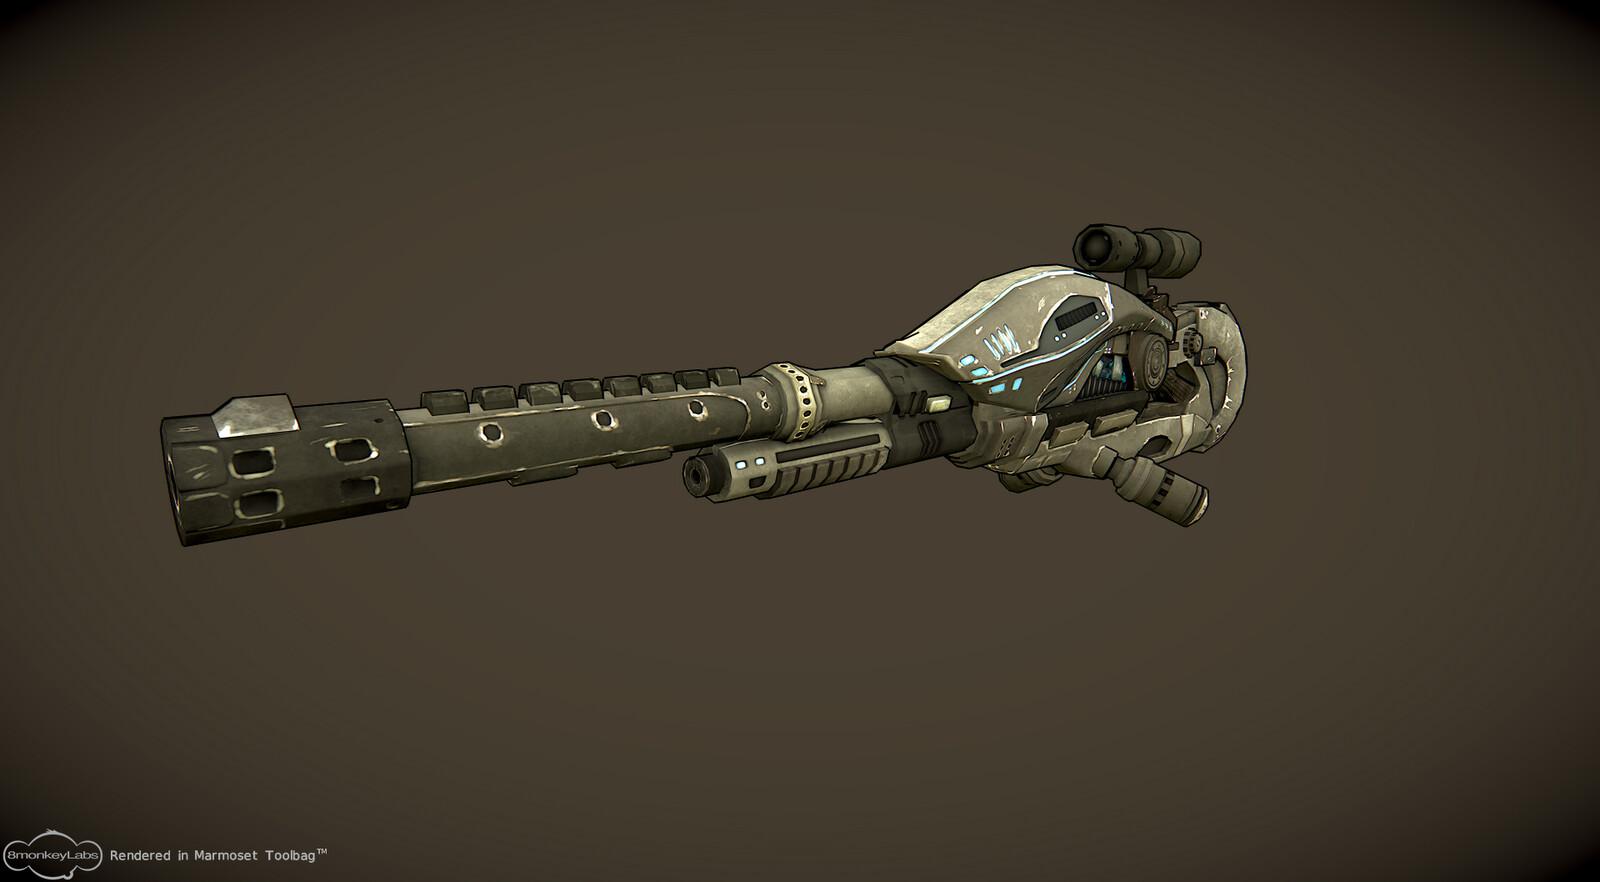 It's a gun! 2011